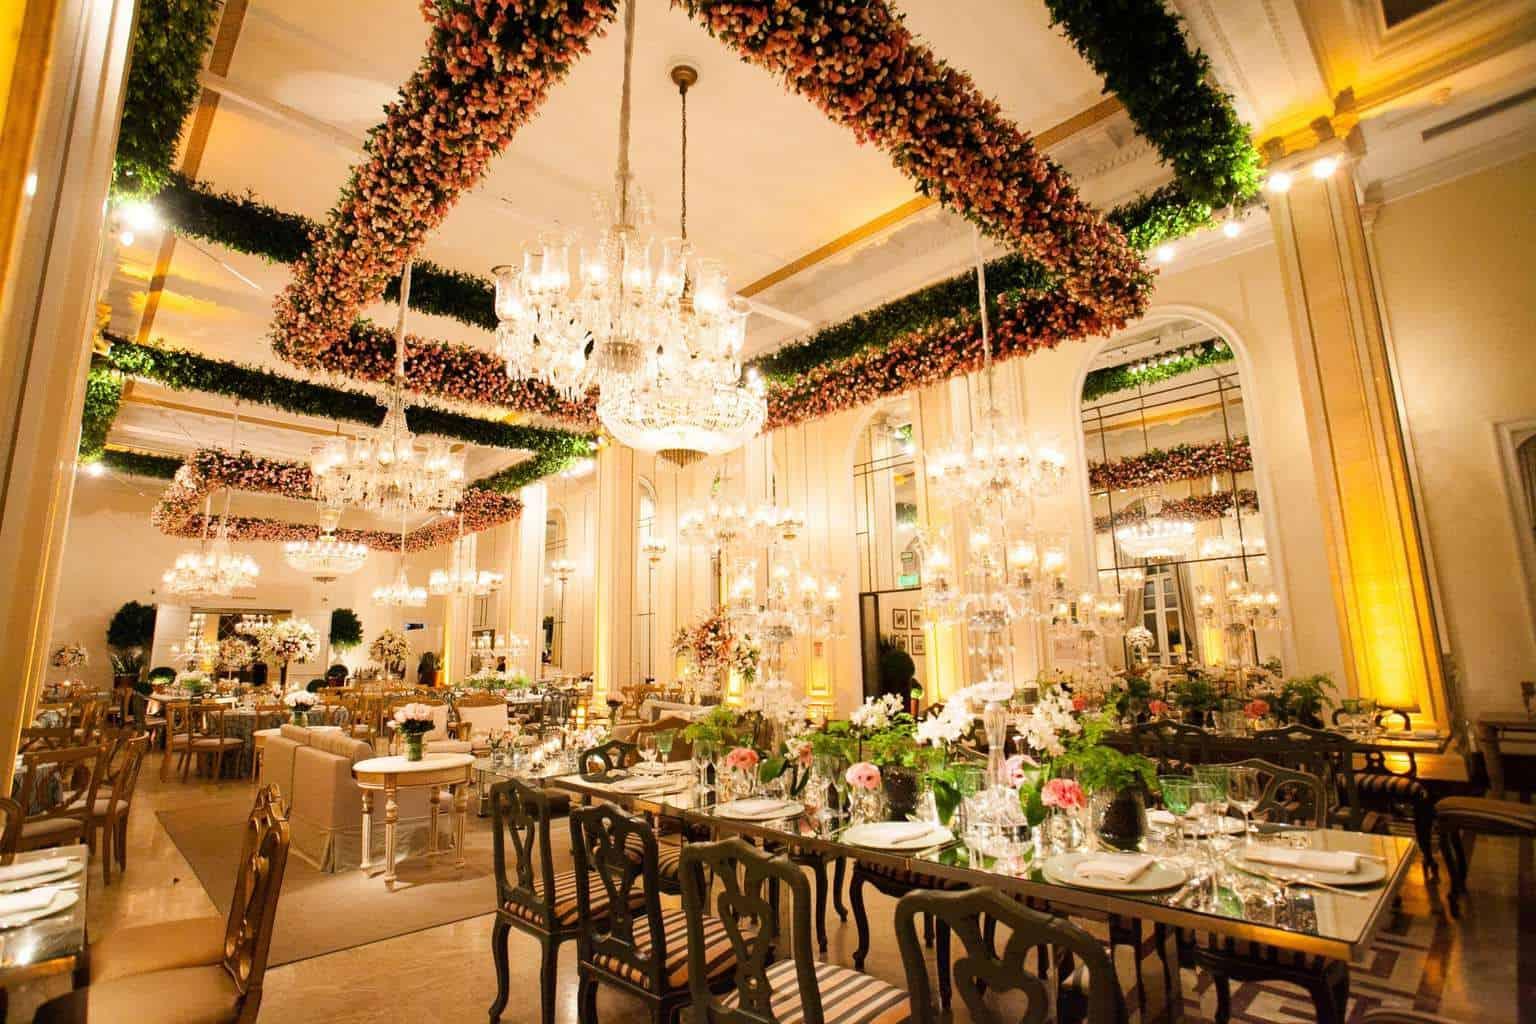 Casamento-Clássico-Copacabana-Palace-Fotografia-Larissa-e-Jorge-Ribas-Monica-Roias-Paula-Rocha-Ribas-Foto-e-Vídeo-CaseMe-29